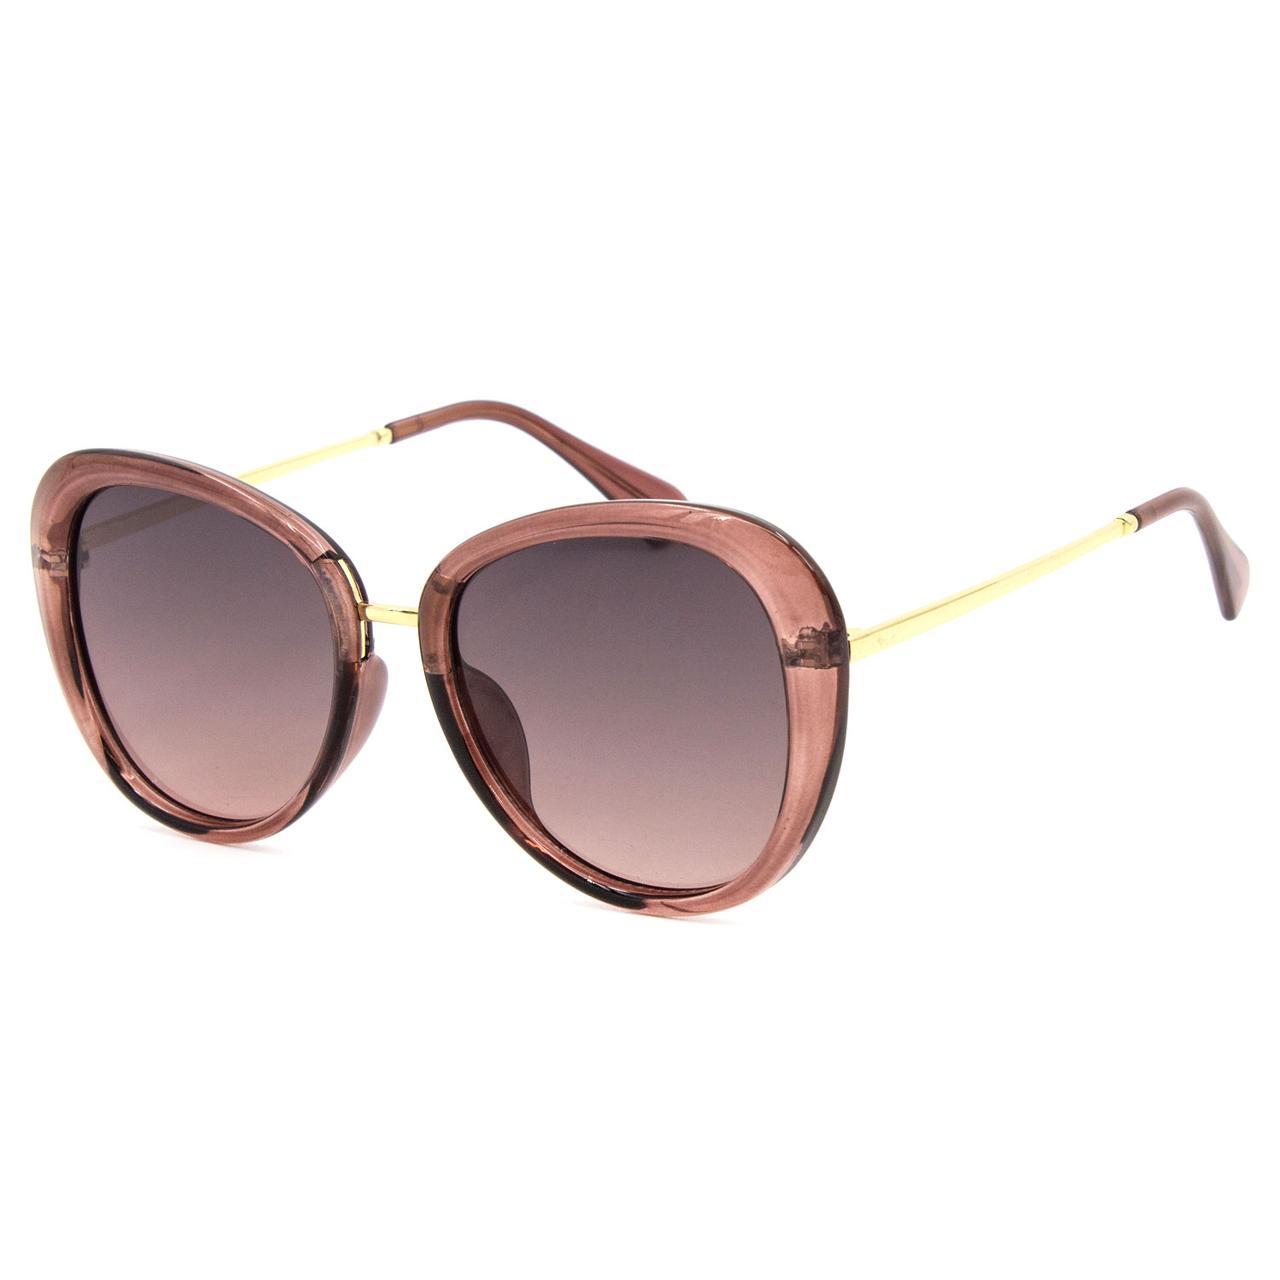 Солнцезащитные очки Marmilen Polar 3181 C5 коричневые    ( 3181-05 )